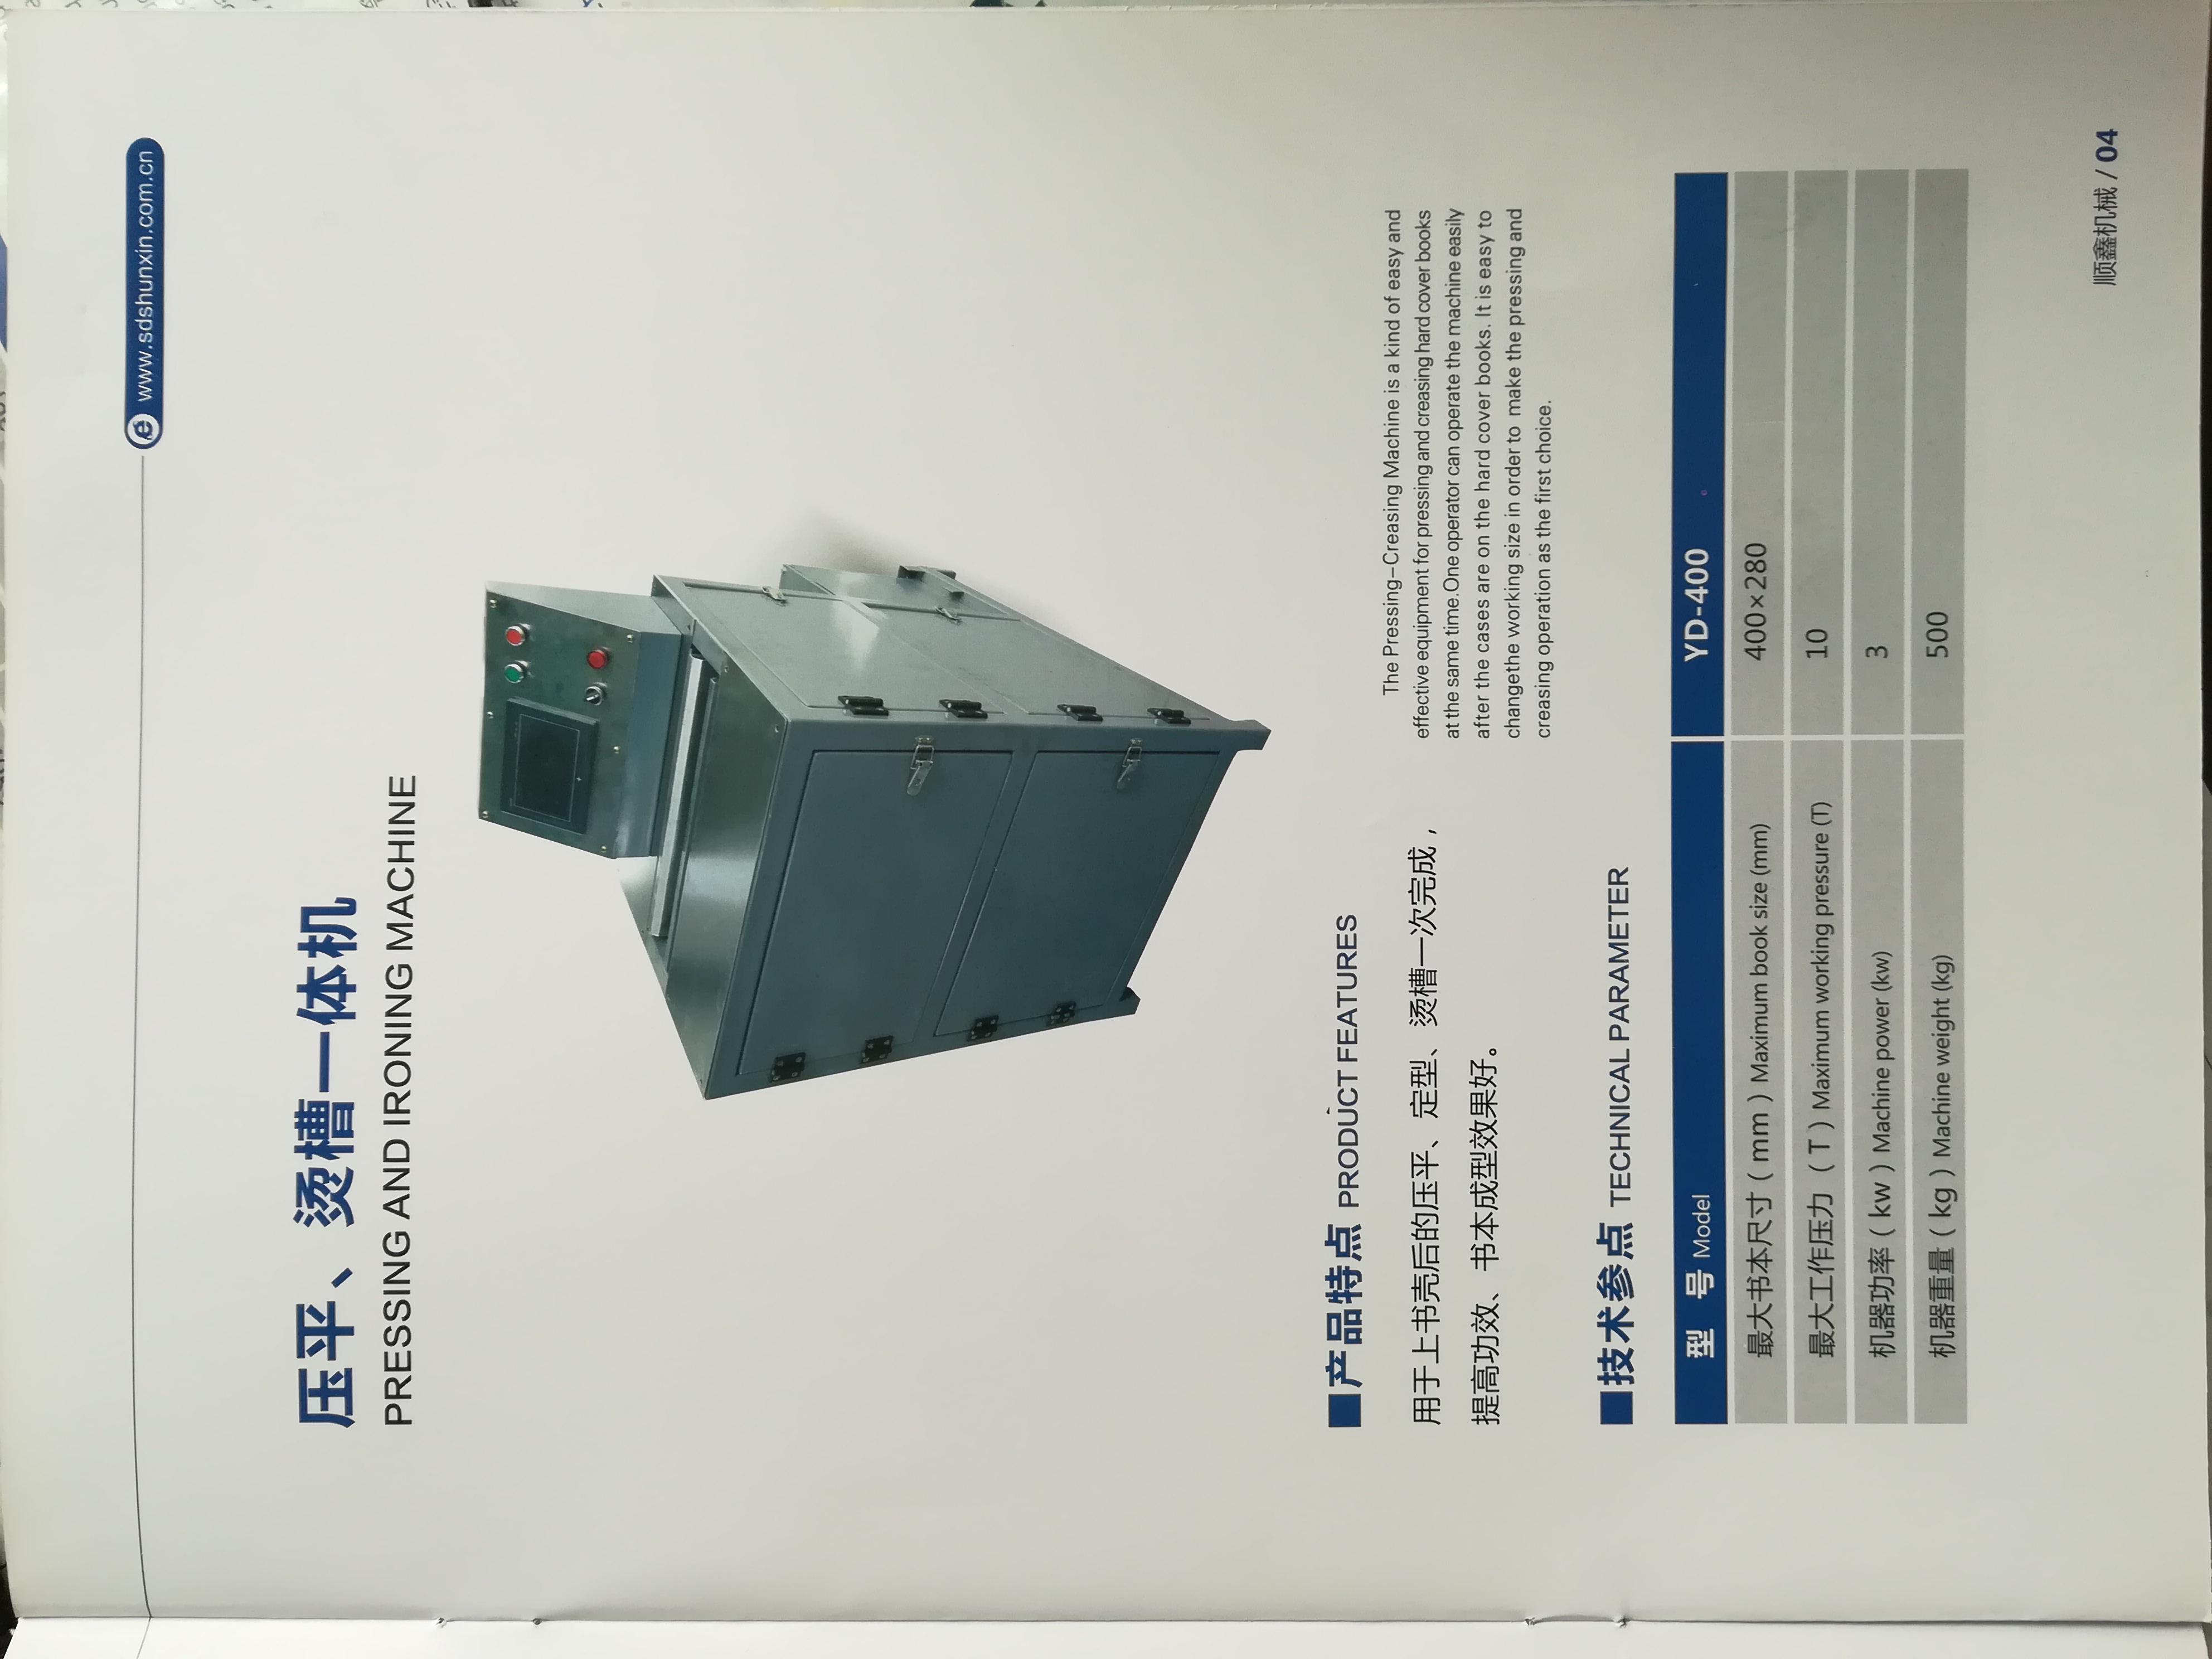 压平、烫槽一体机生产厂家,潍坊压平、烫槽一体机生产厂家,上海压平、烫槽一体机生产厂家